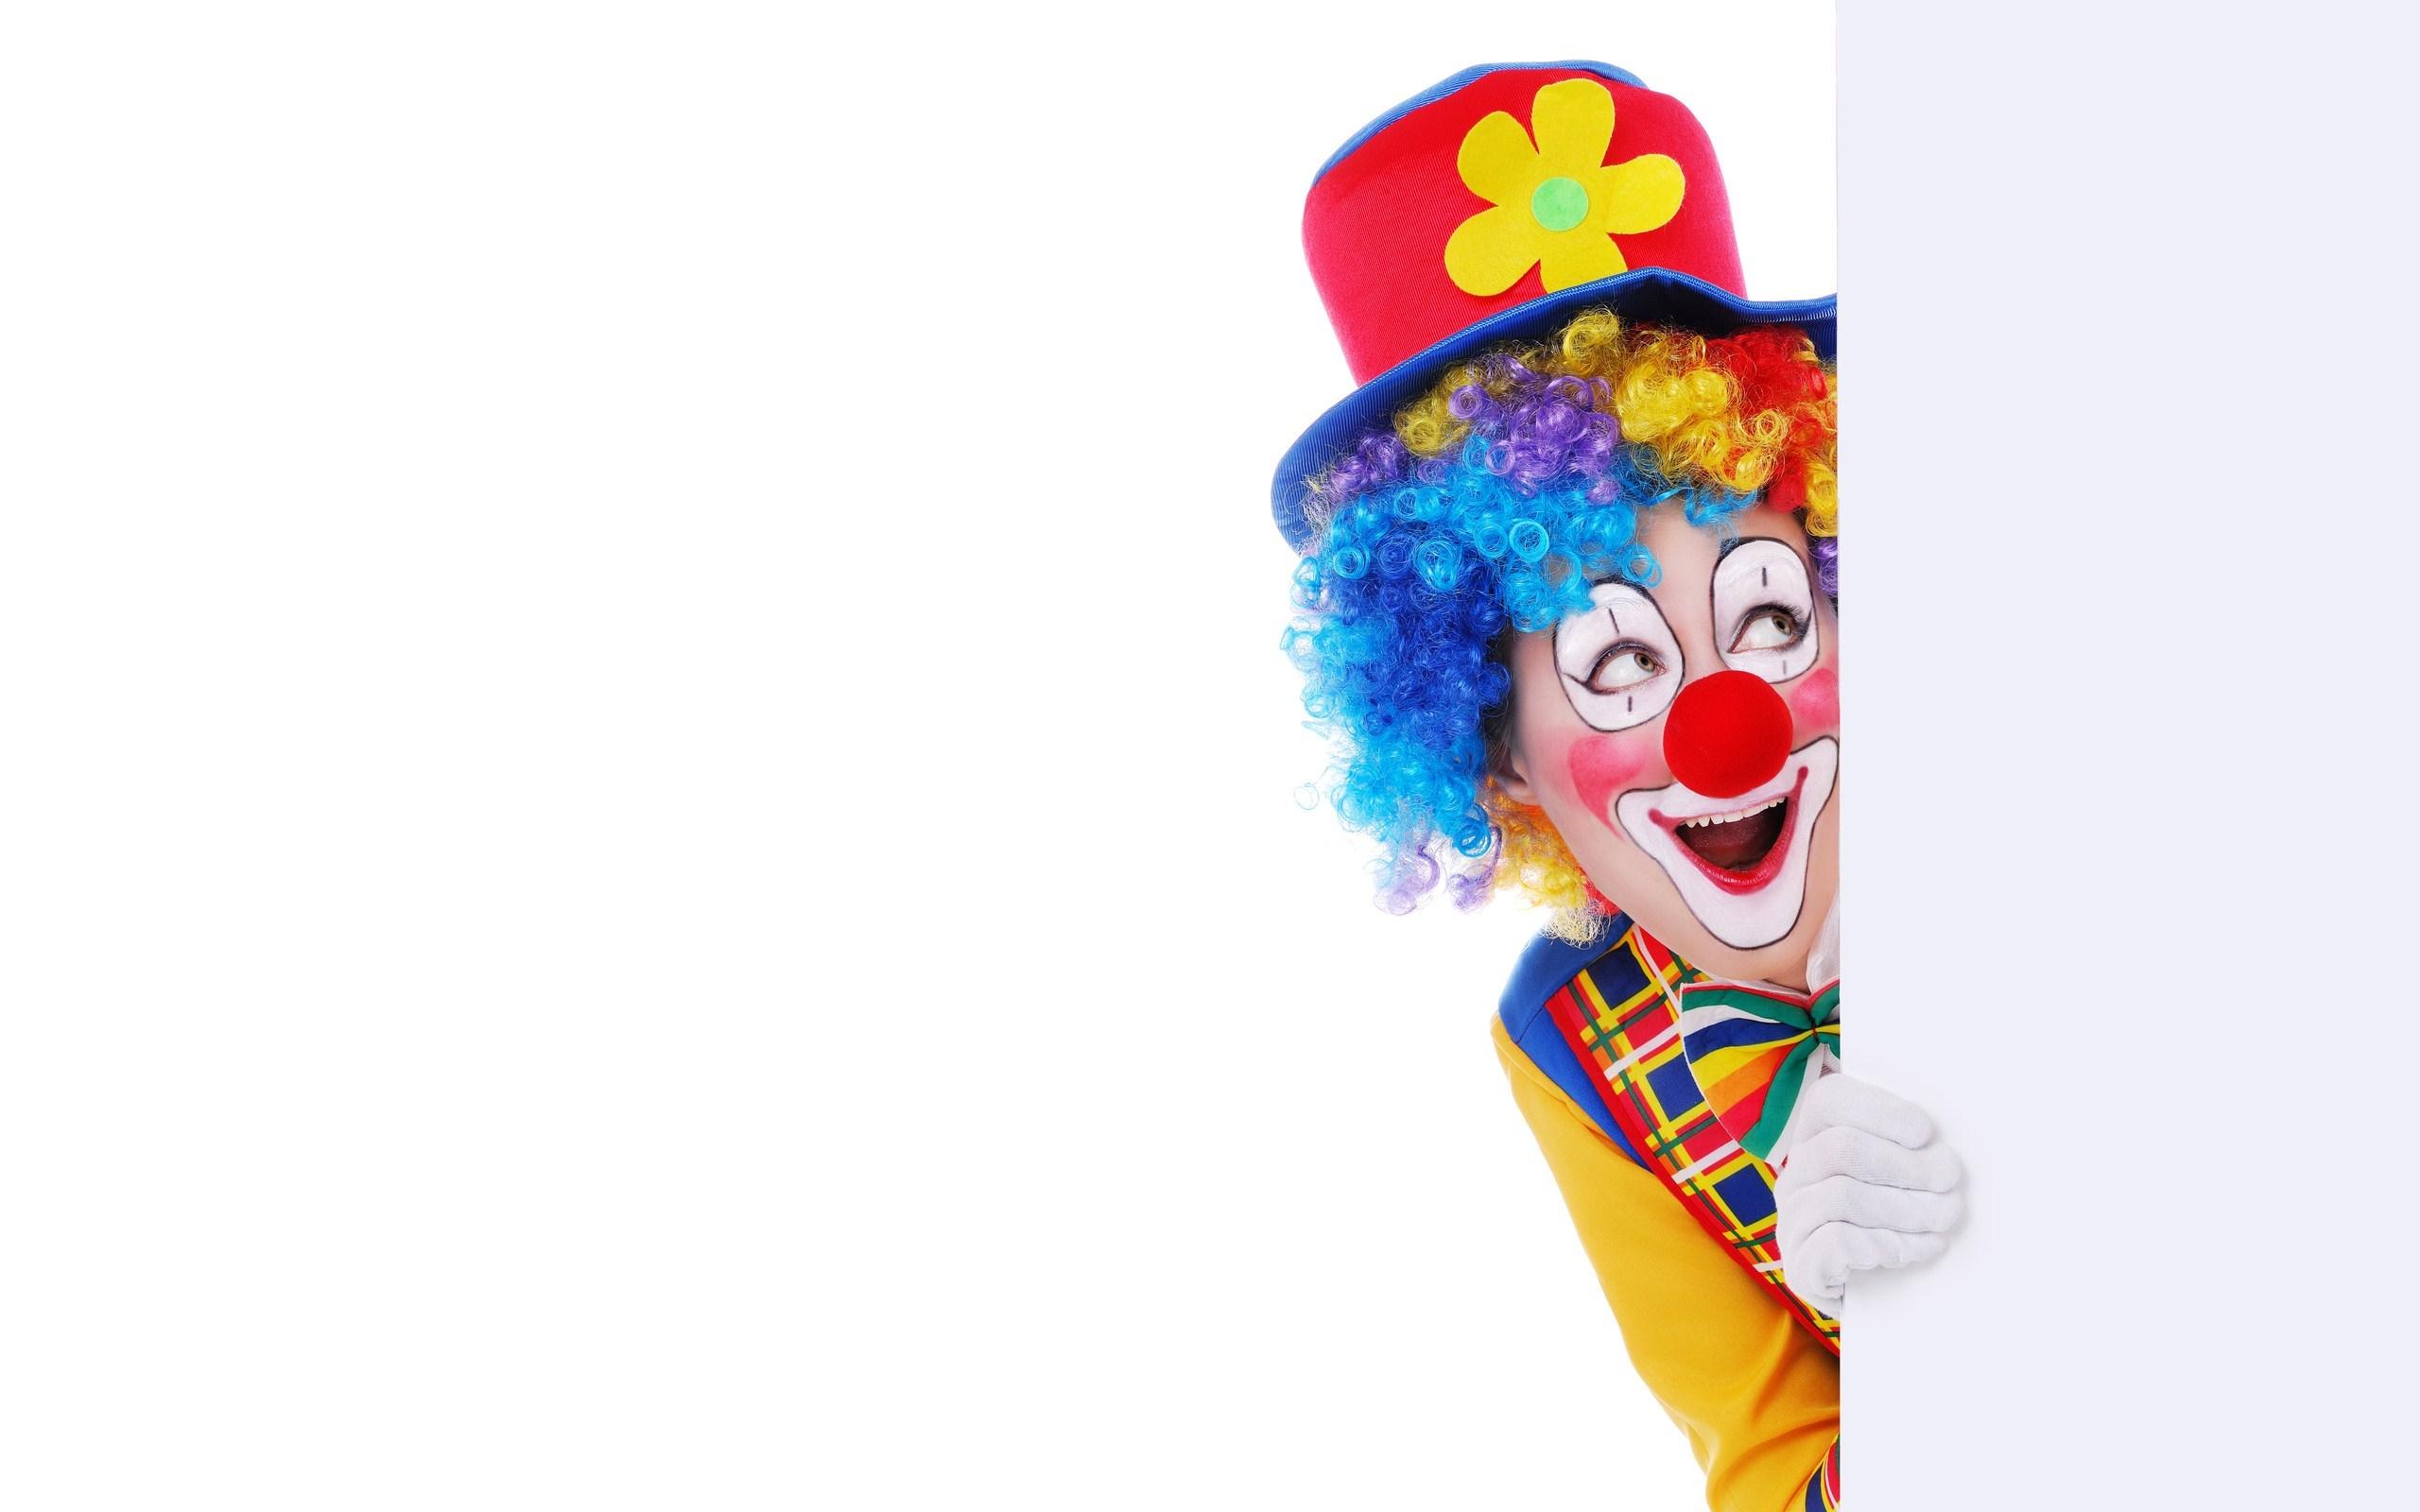 High Resolution Wallpaper | Clown 2560x1600 px